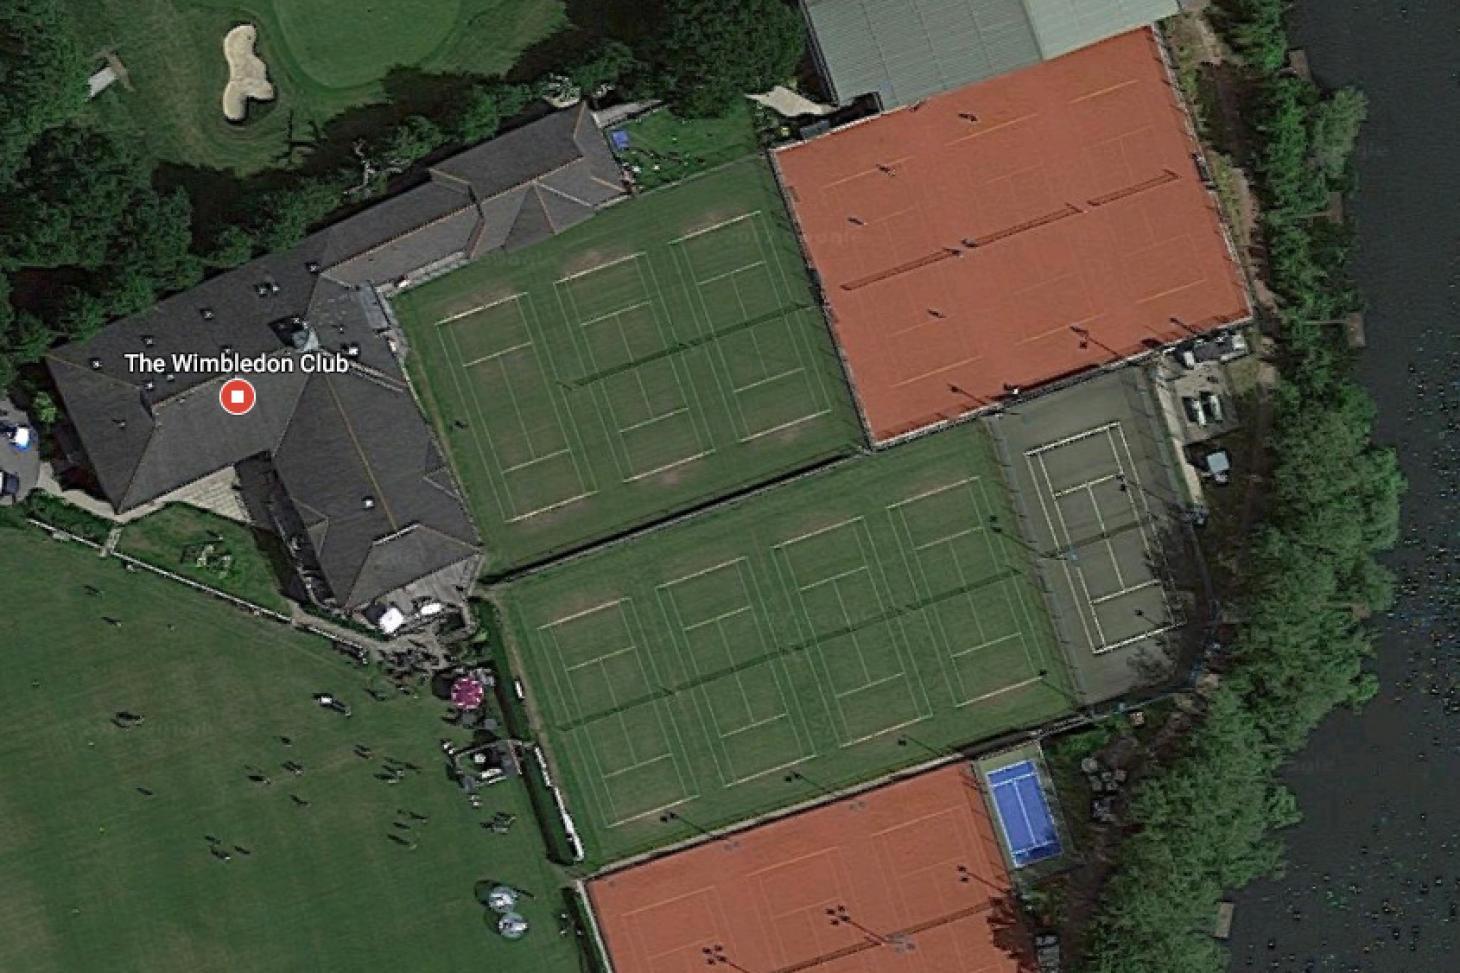 Wimbledon Club Outdoor | Grass tennis court